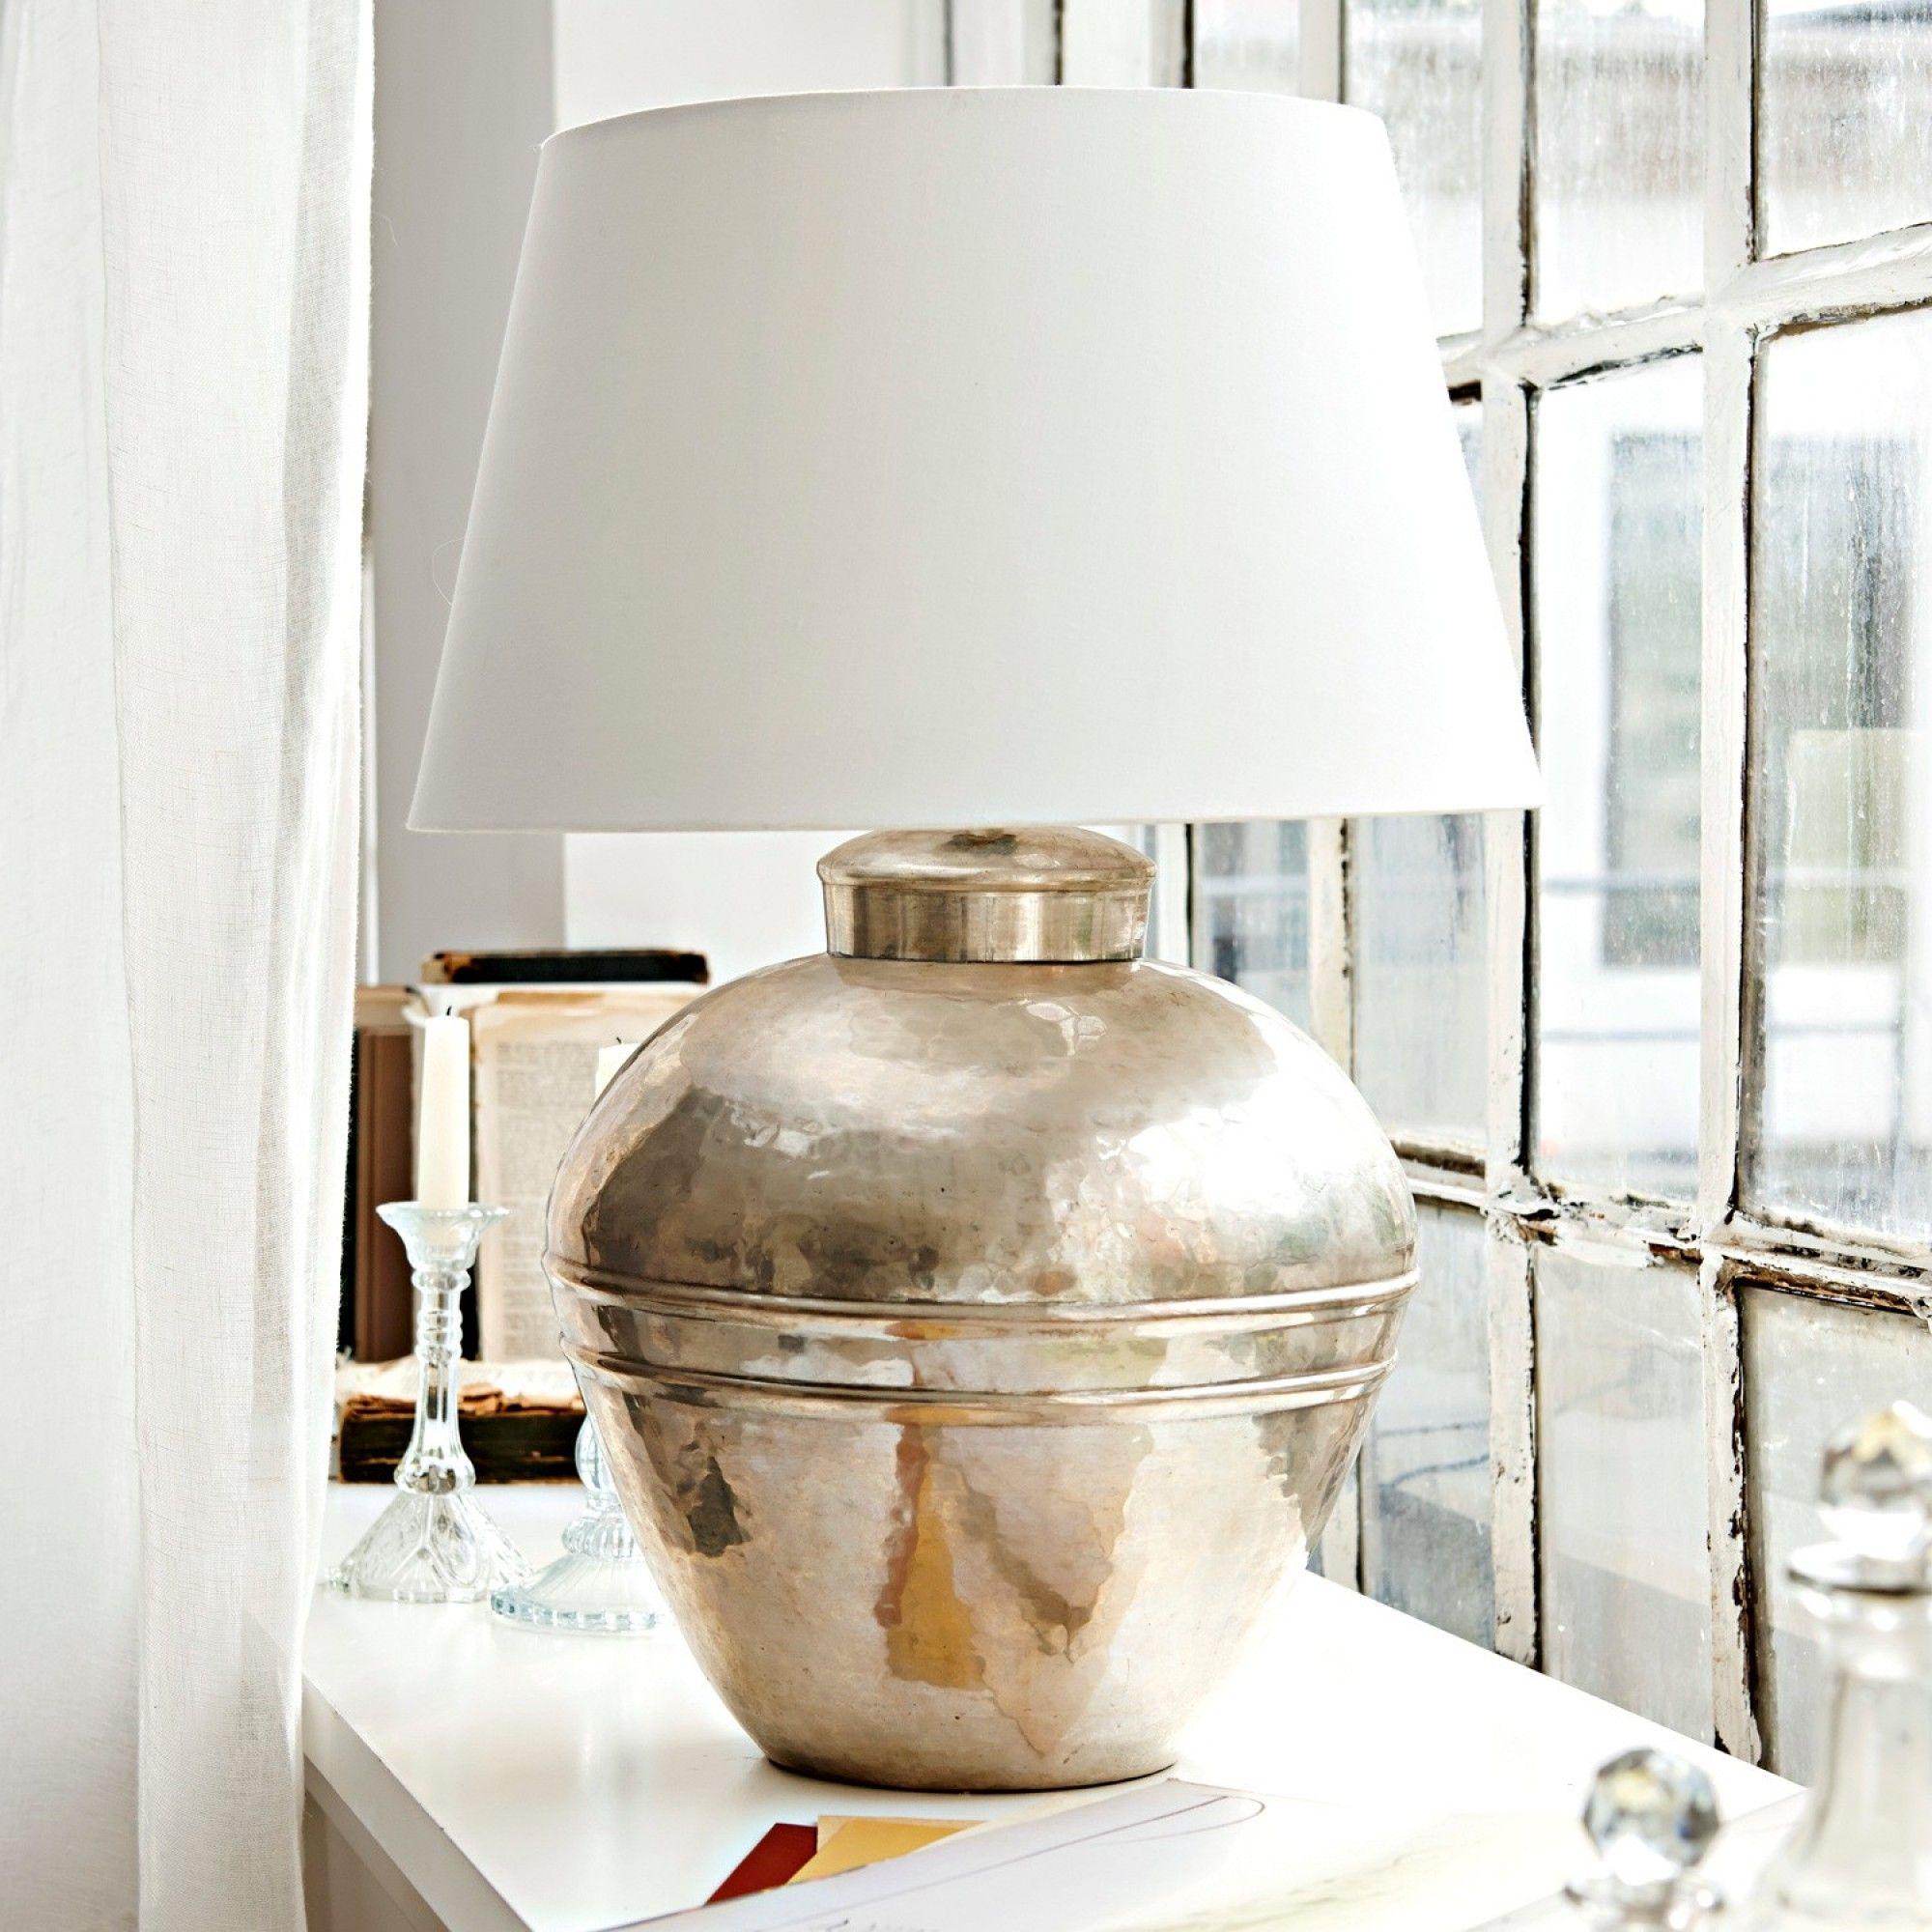 awesome einfache dekoration und mobel tischleuchten fuer eine stimmungsvolle beleuchtung #1: Pinterest